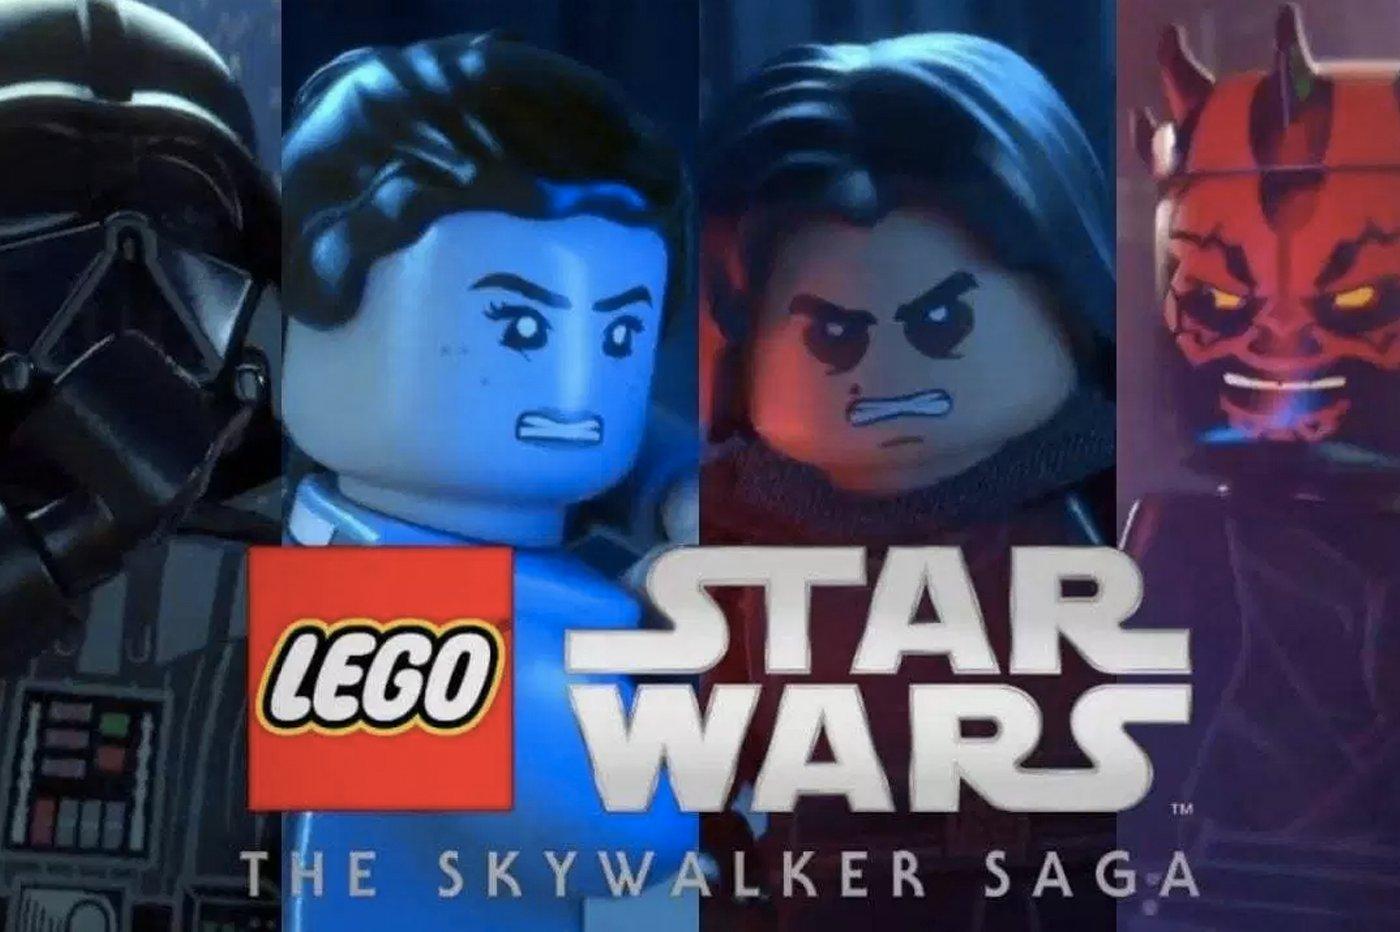 E3 2019: LEGO Star Wars The Skywalker Saga